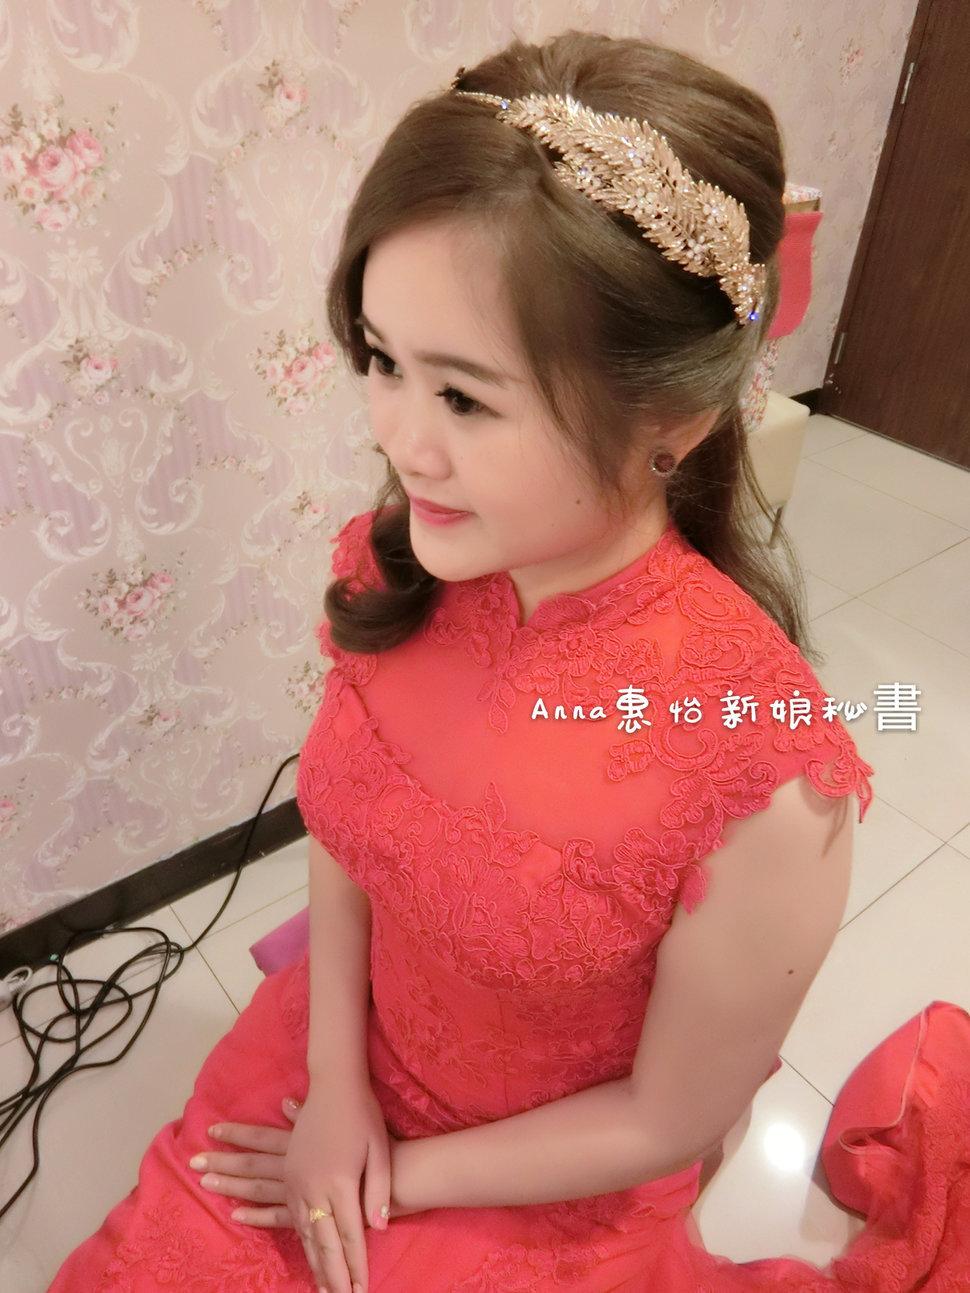 柔柔婚宴(編號:428105) - 新娘秘書Anna惠怡 - 結婚吧一站式婚禮服務平台